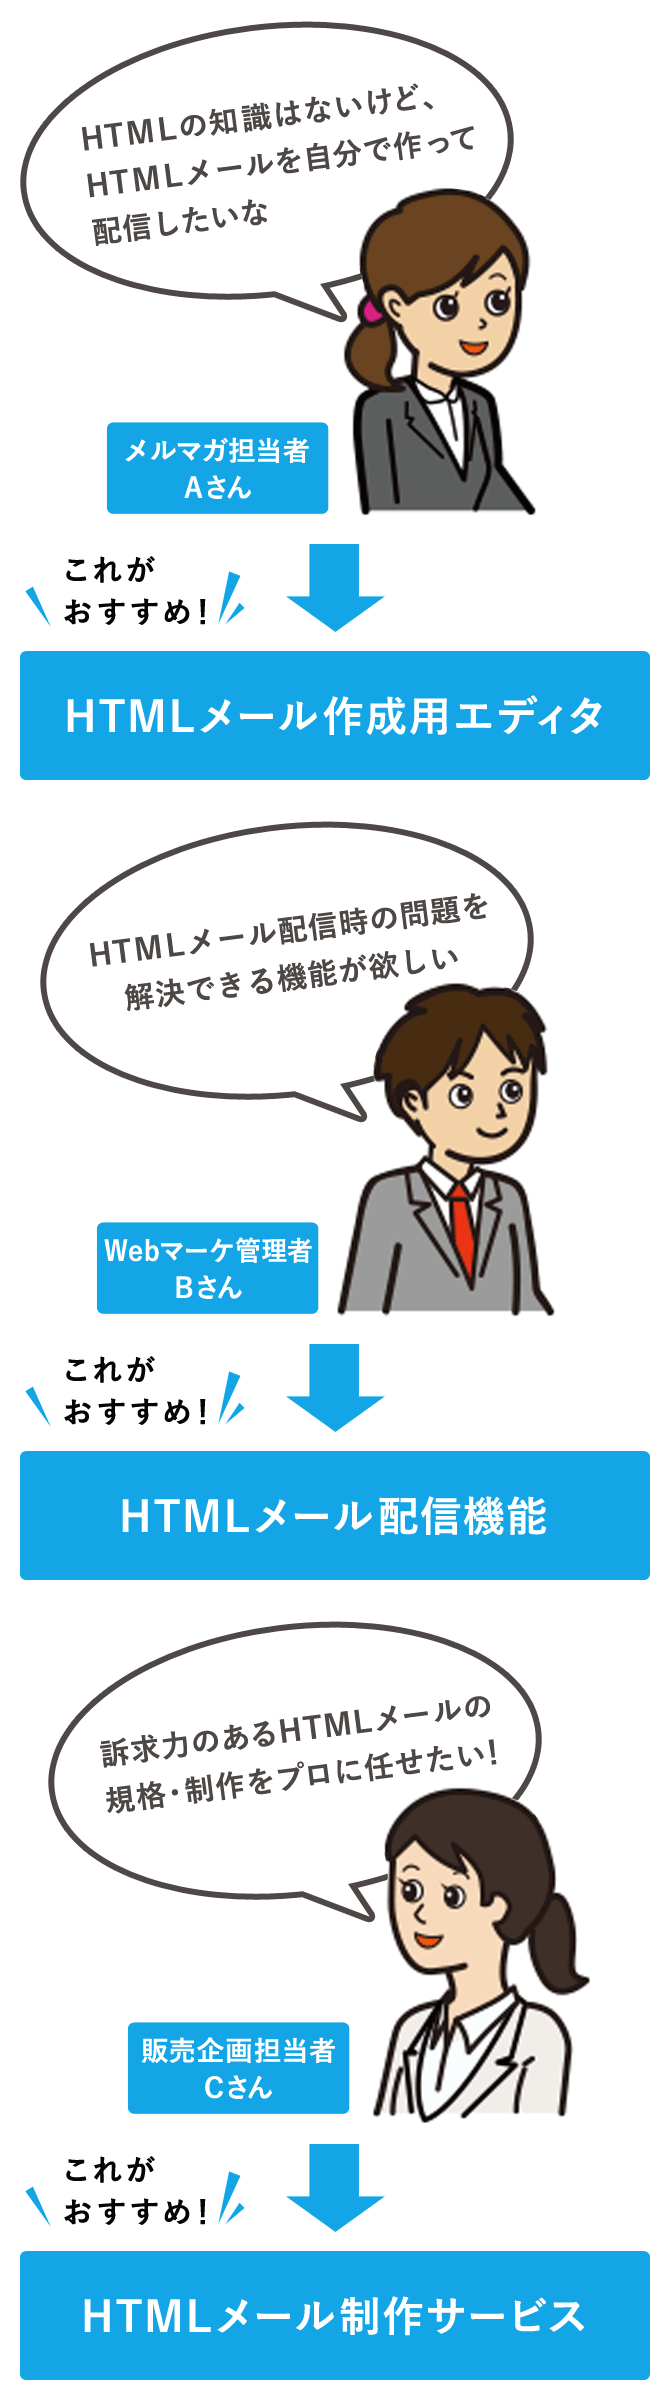 HTMLメール運用のためのツールやサービス